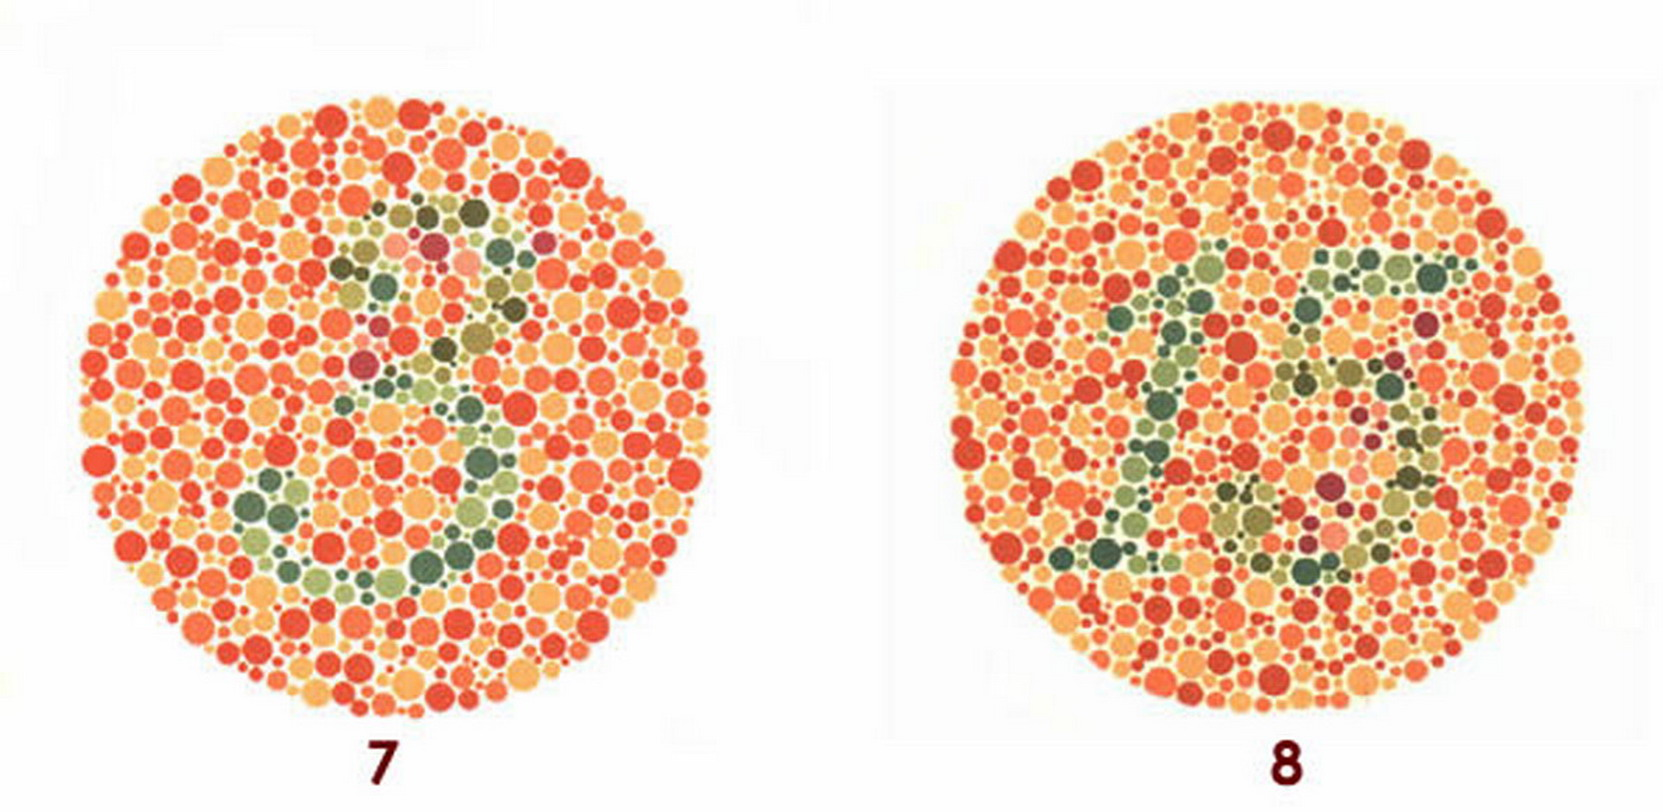 Можно ли обмануть тест на дальтонизм?